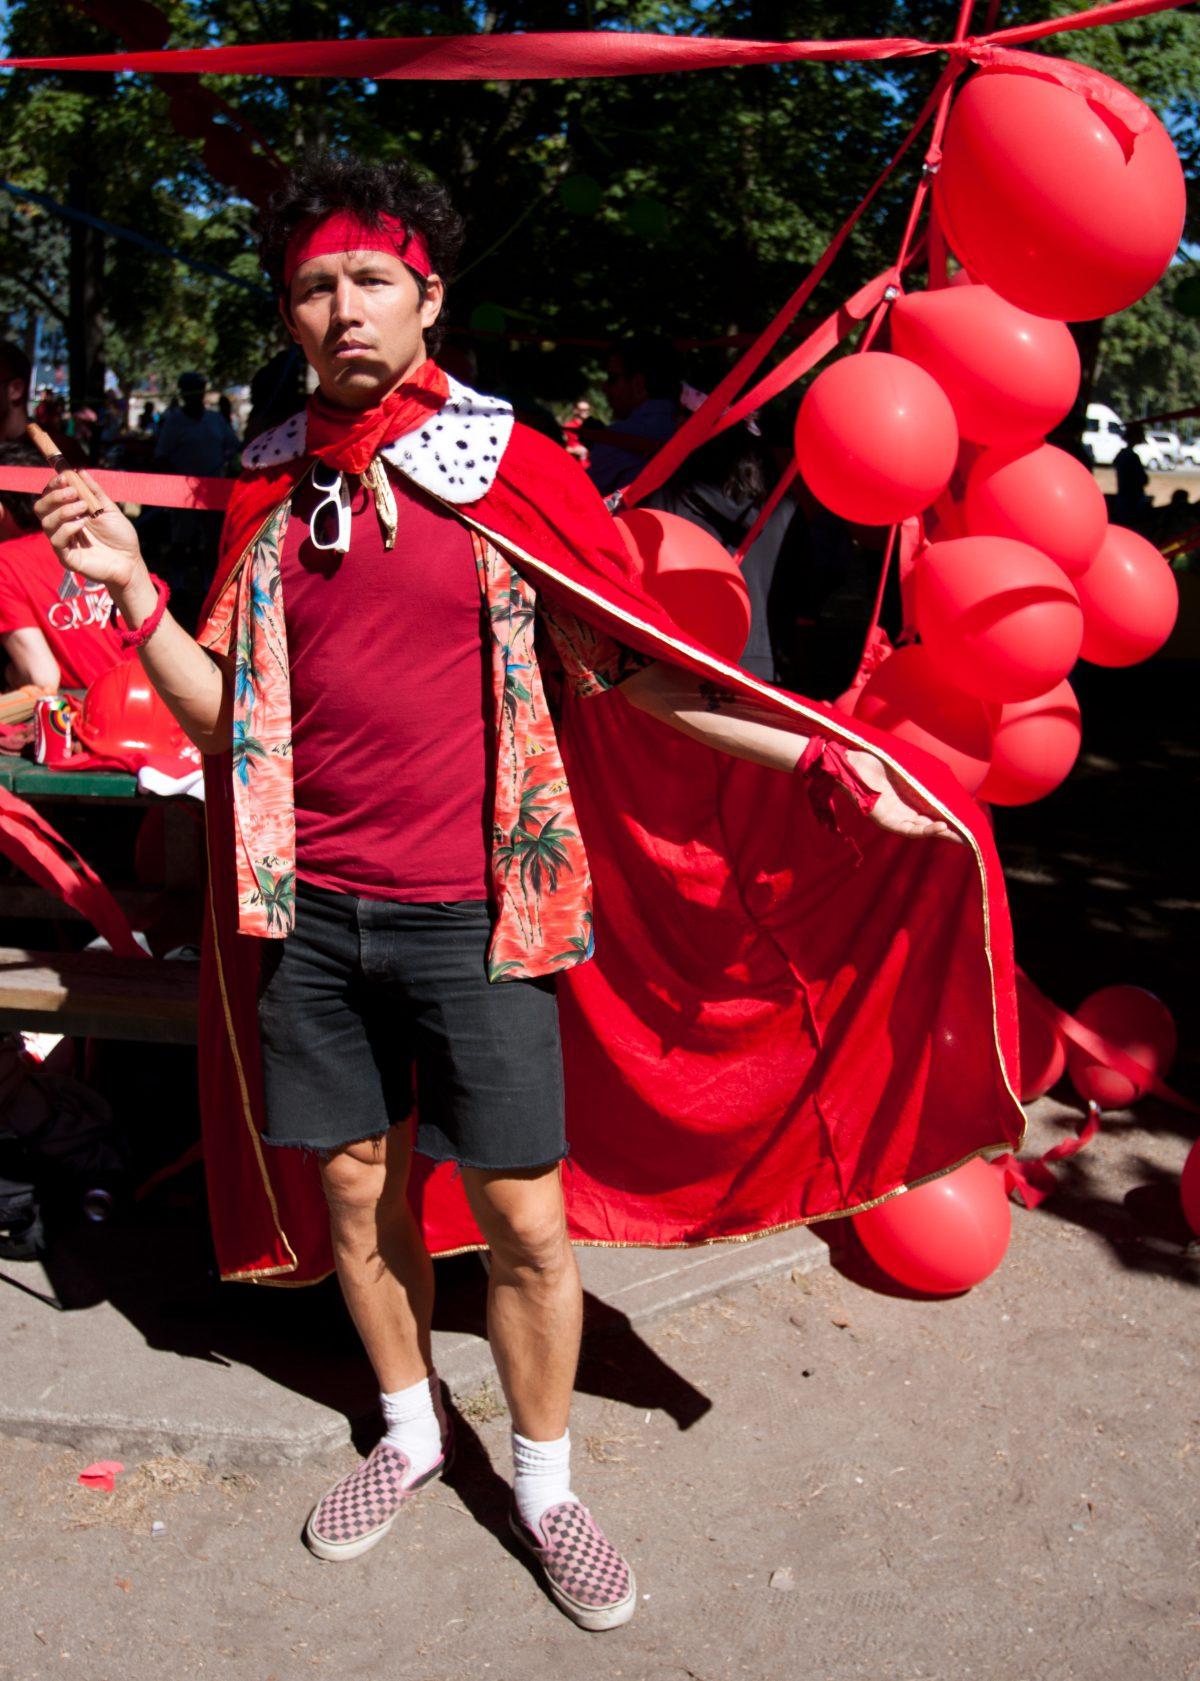 red, ballon